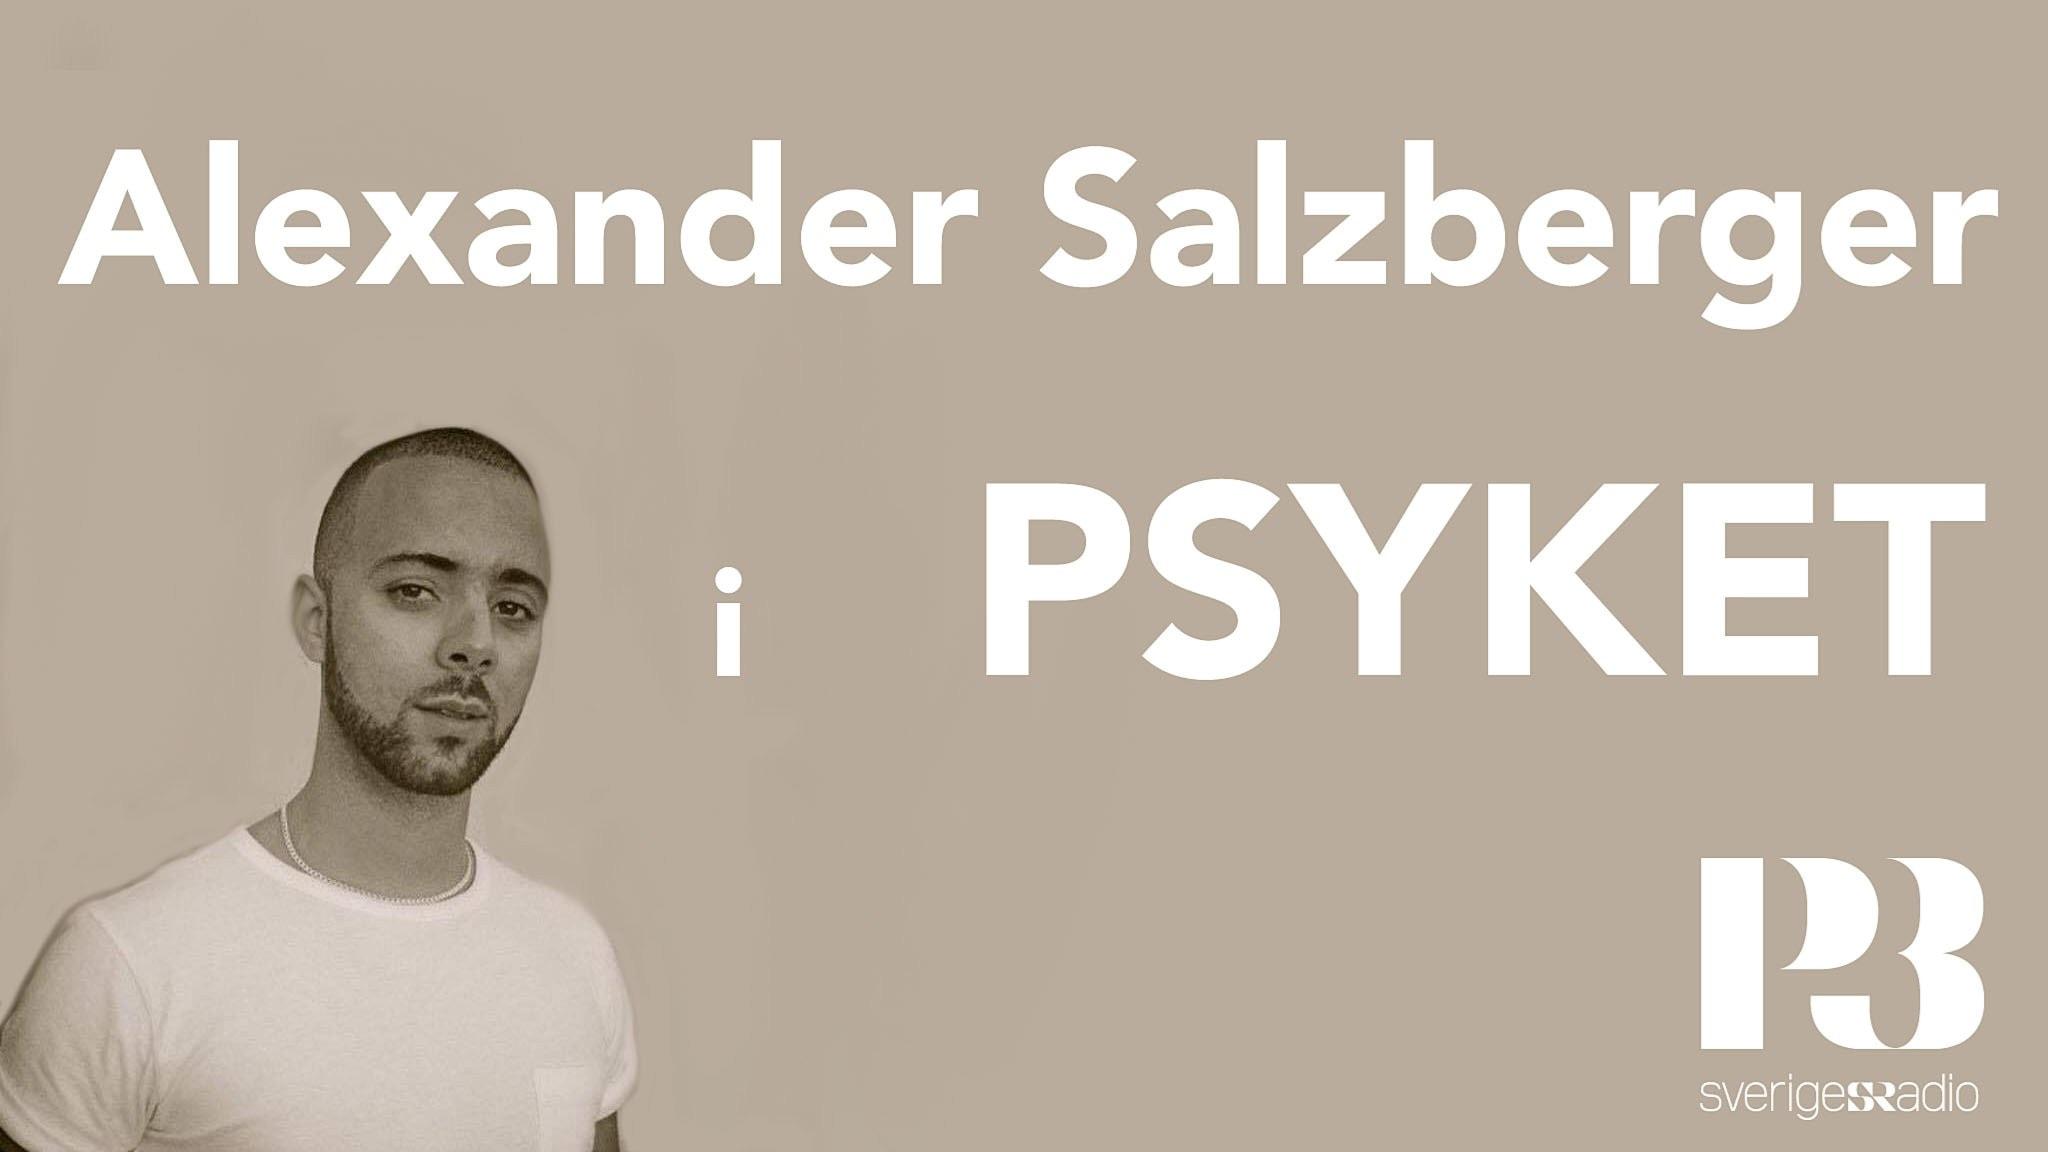 Alexander Salzberger: Jag tror aldrig att jag kommer känna mig hel